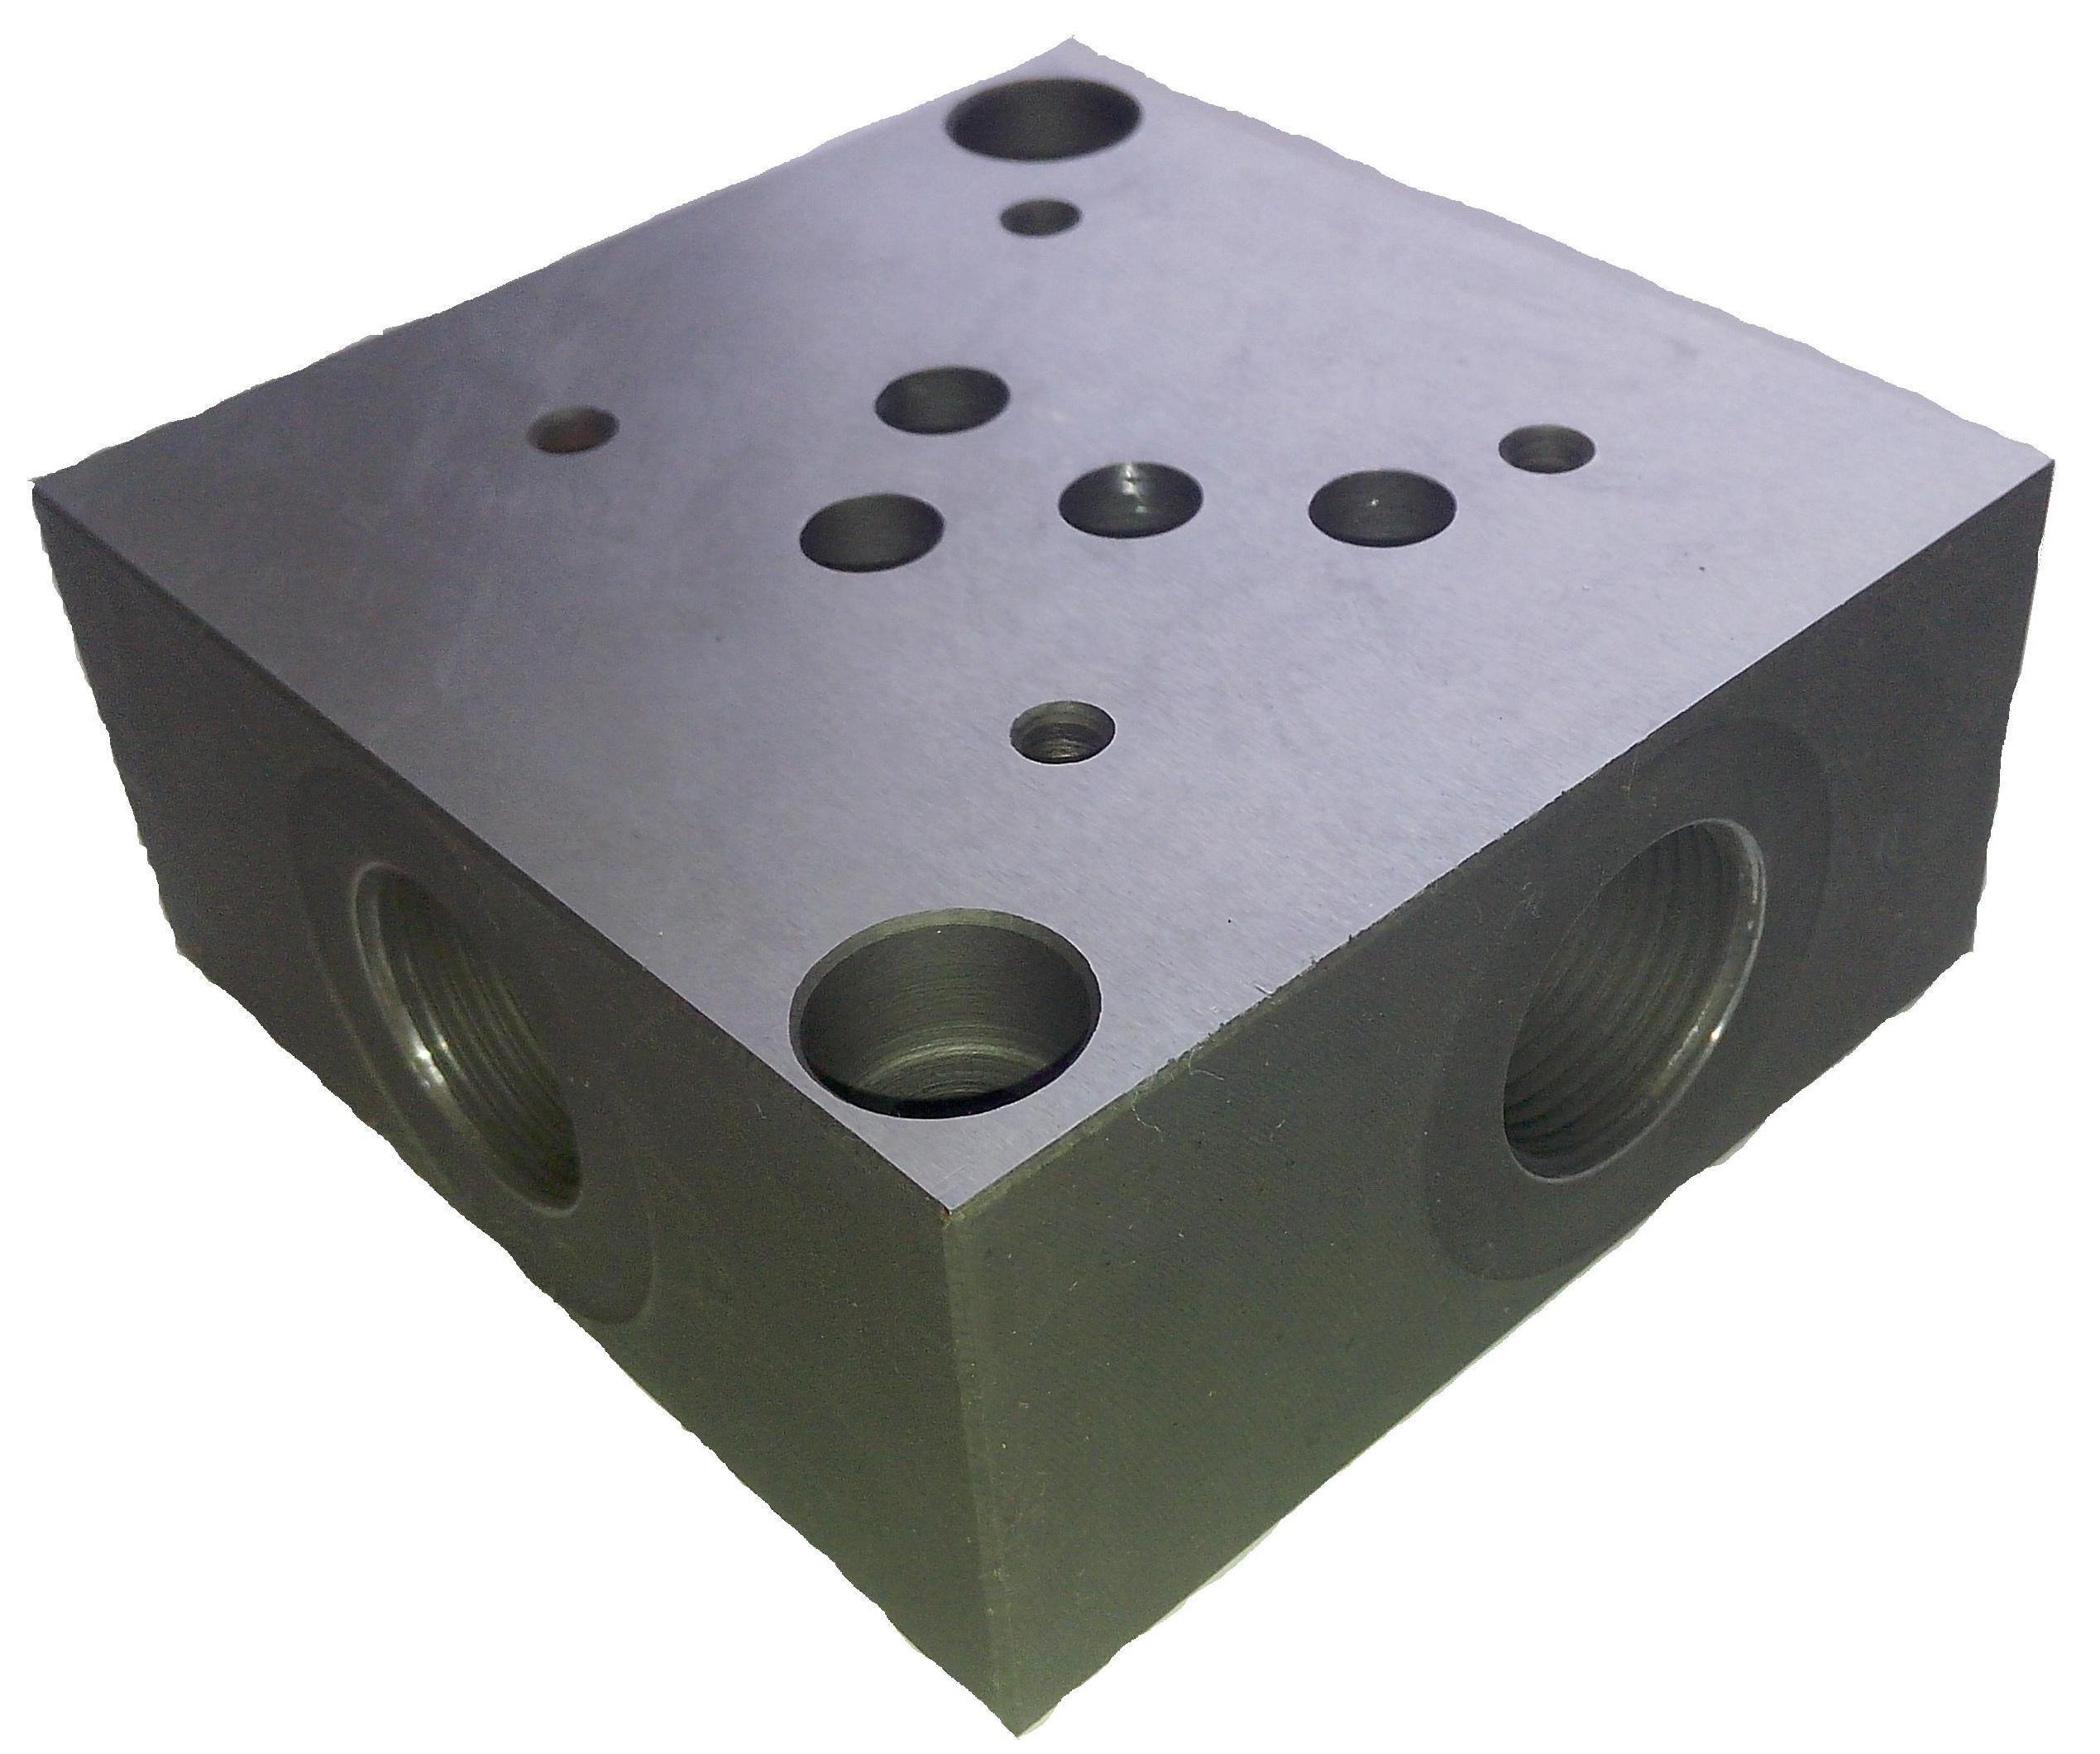 гидрораспределитель р80 2 1 222 схема подключения